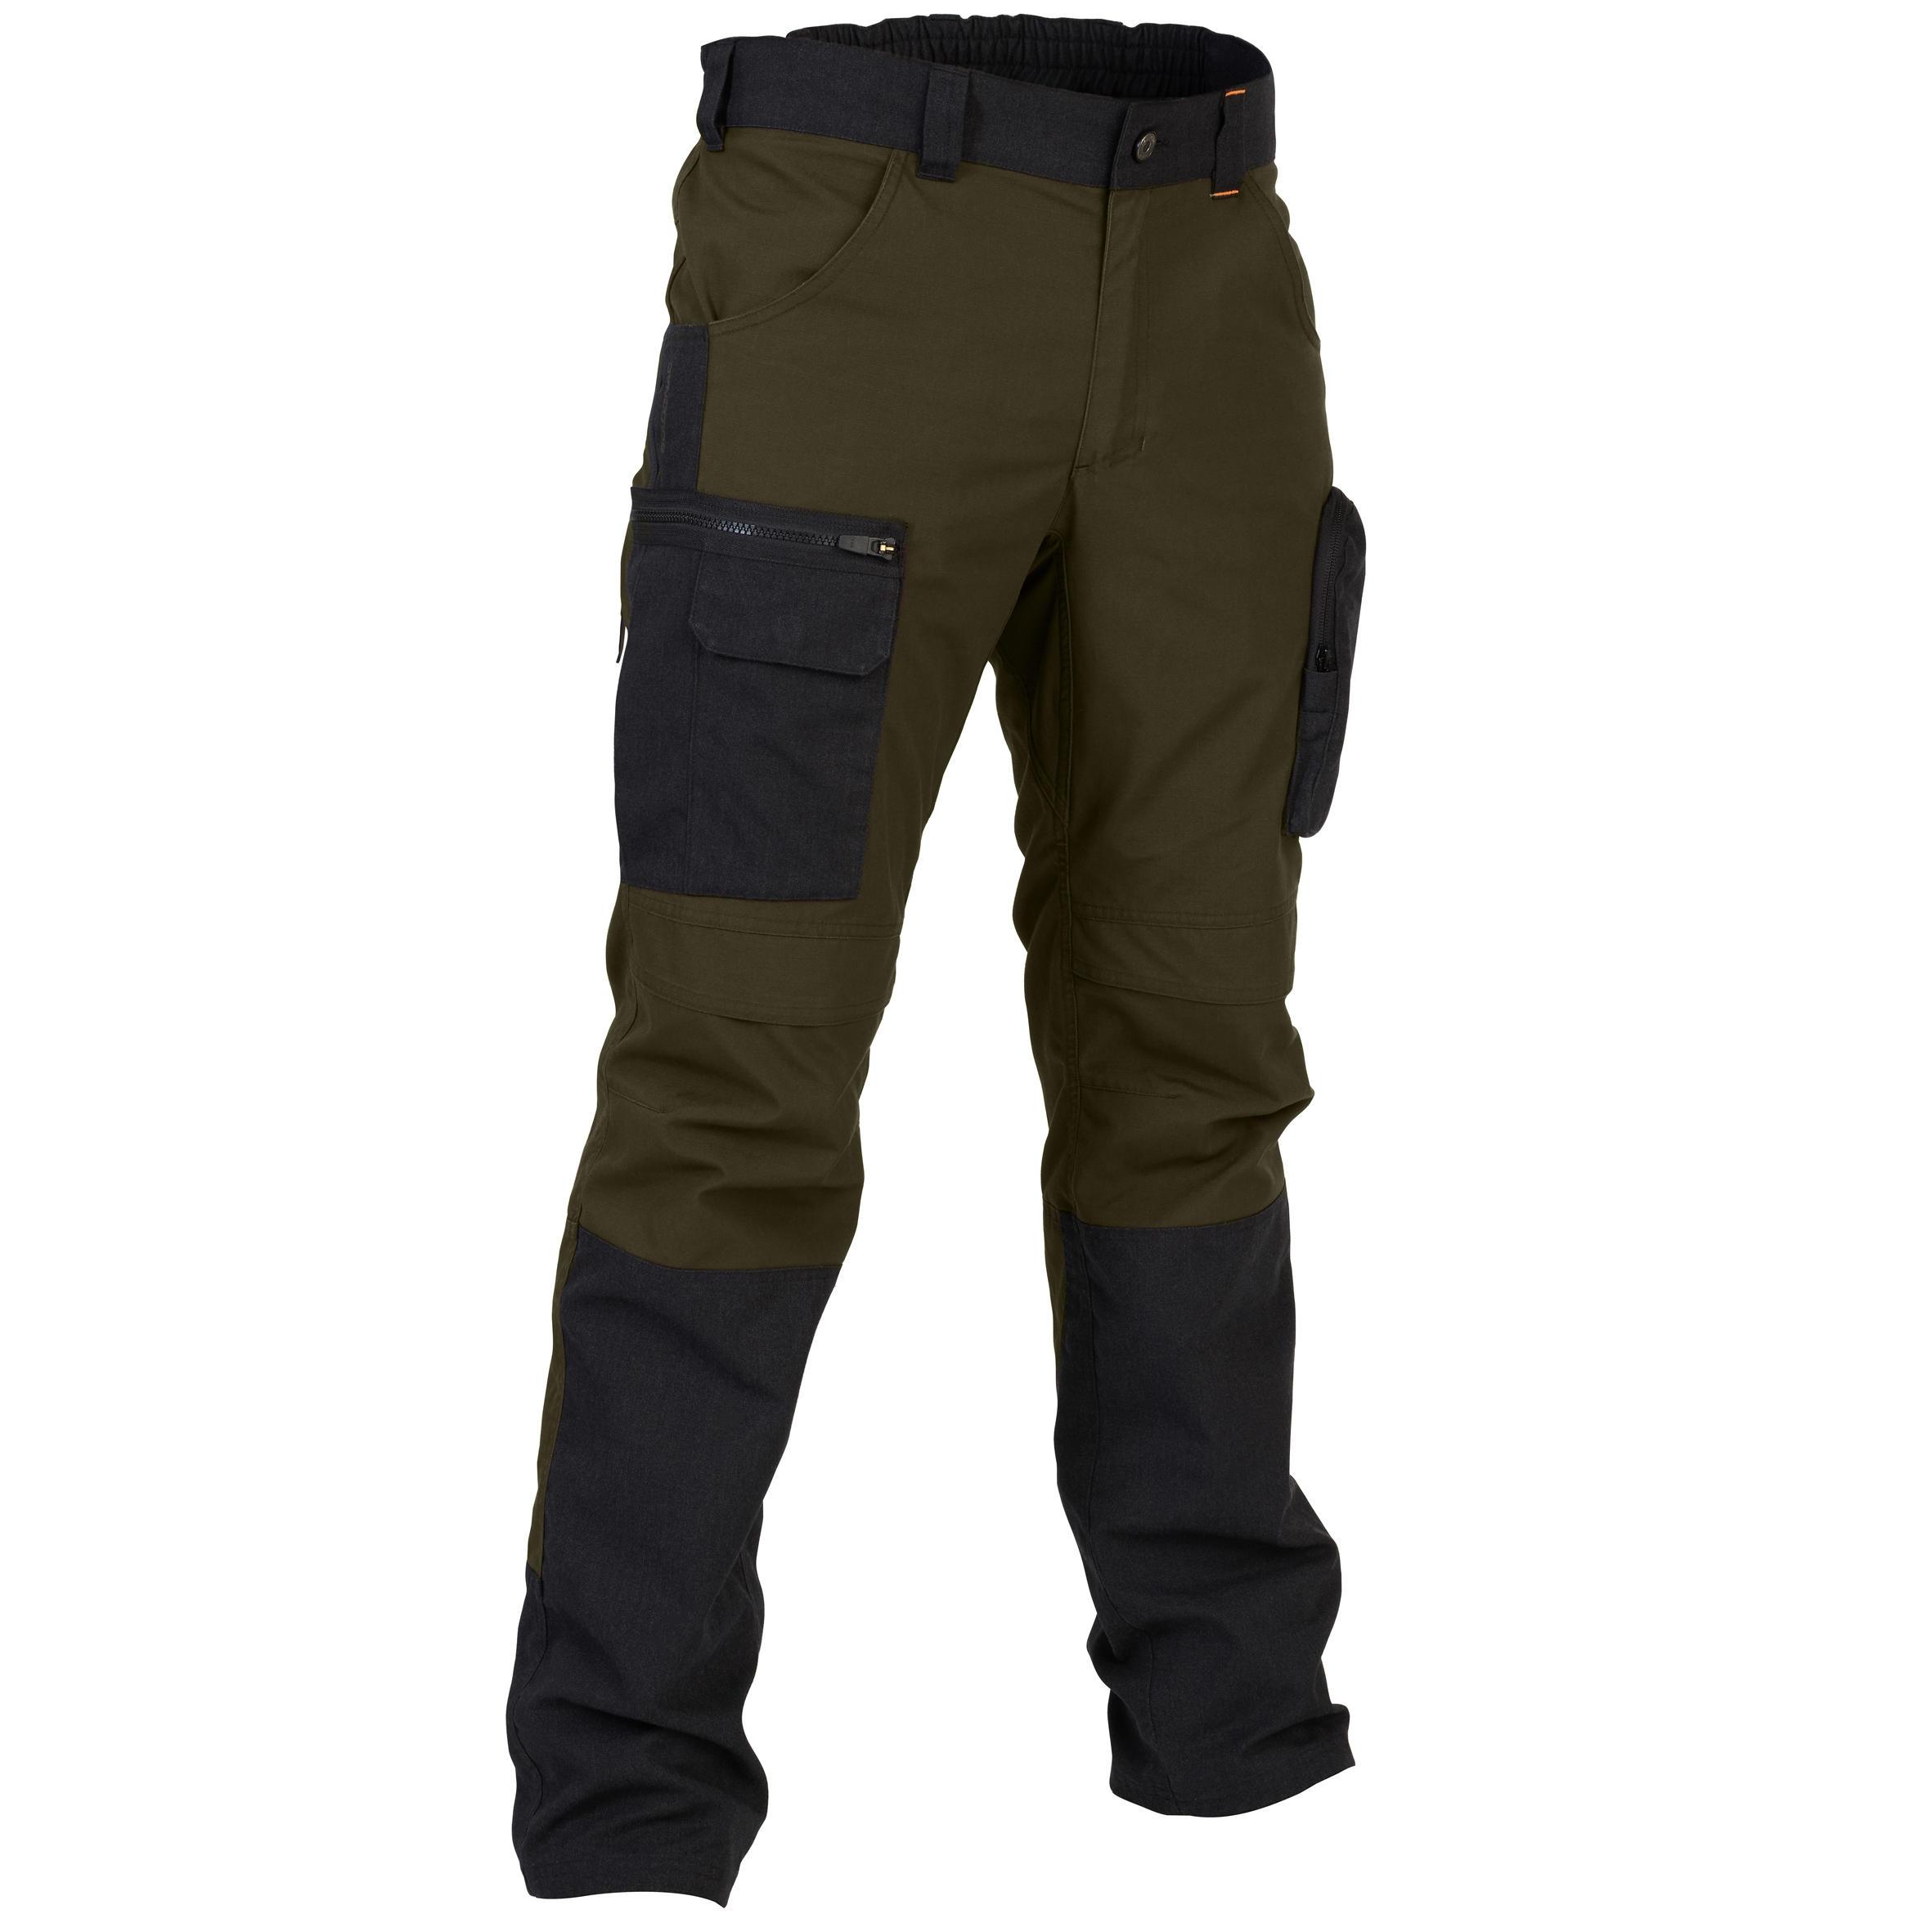 Pantalon Rezistent 900 imagine